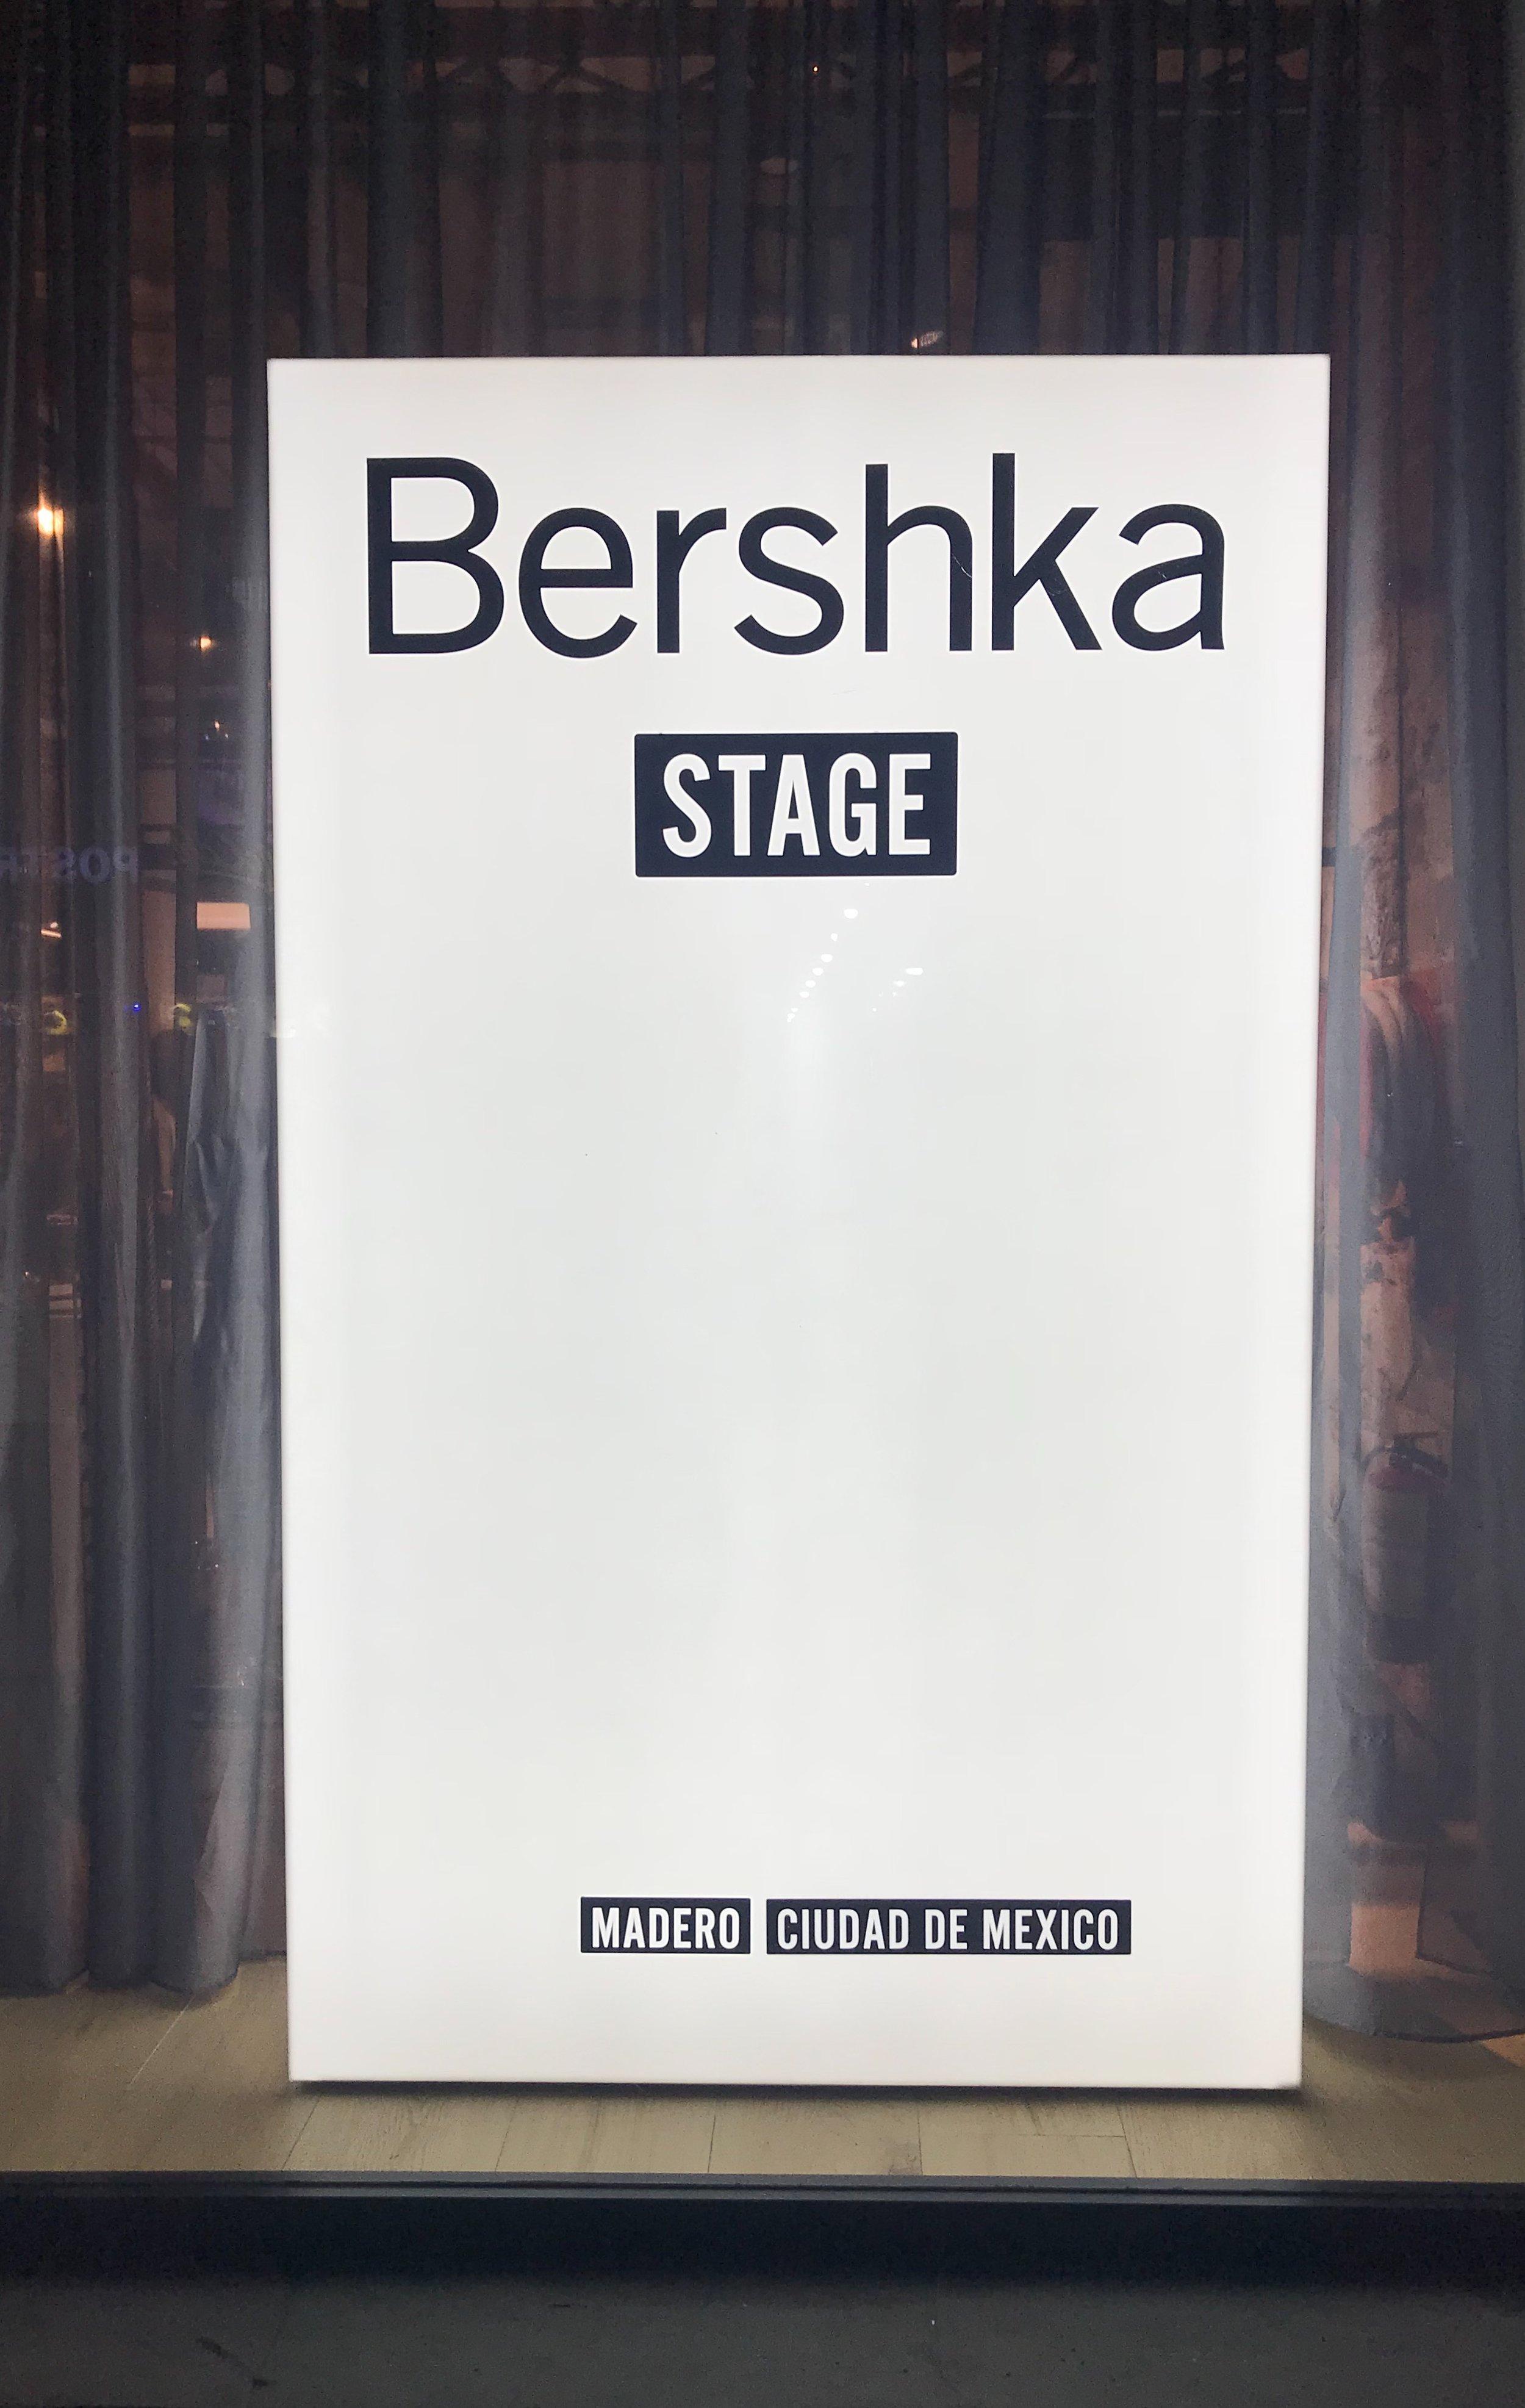 bershka-madero6.JPG